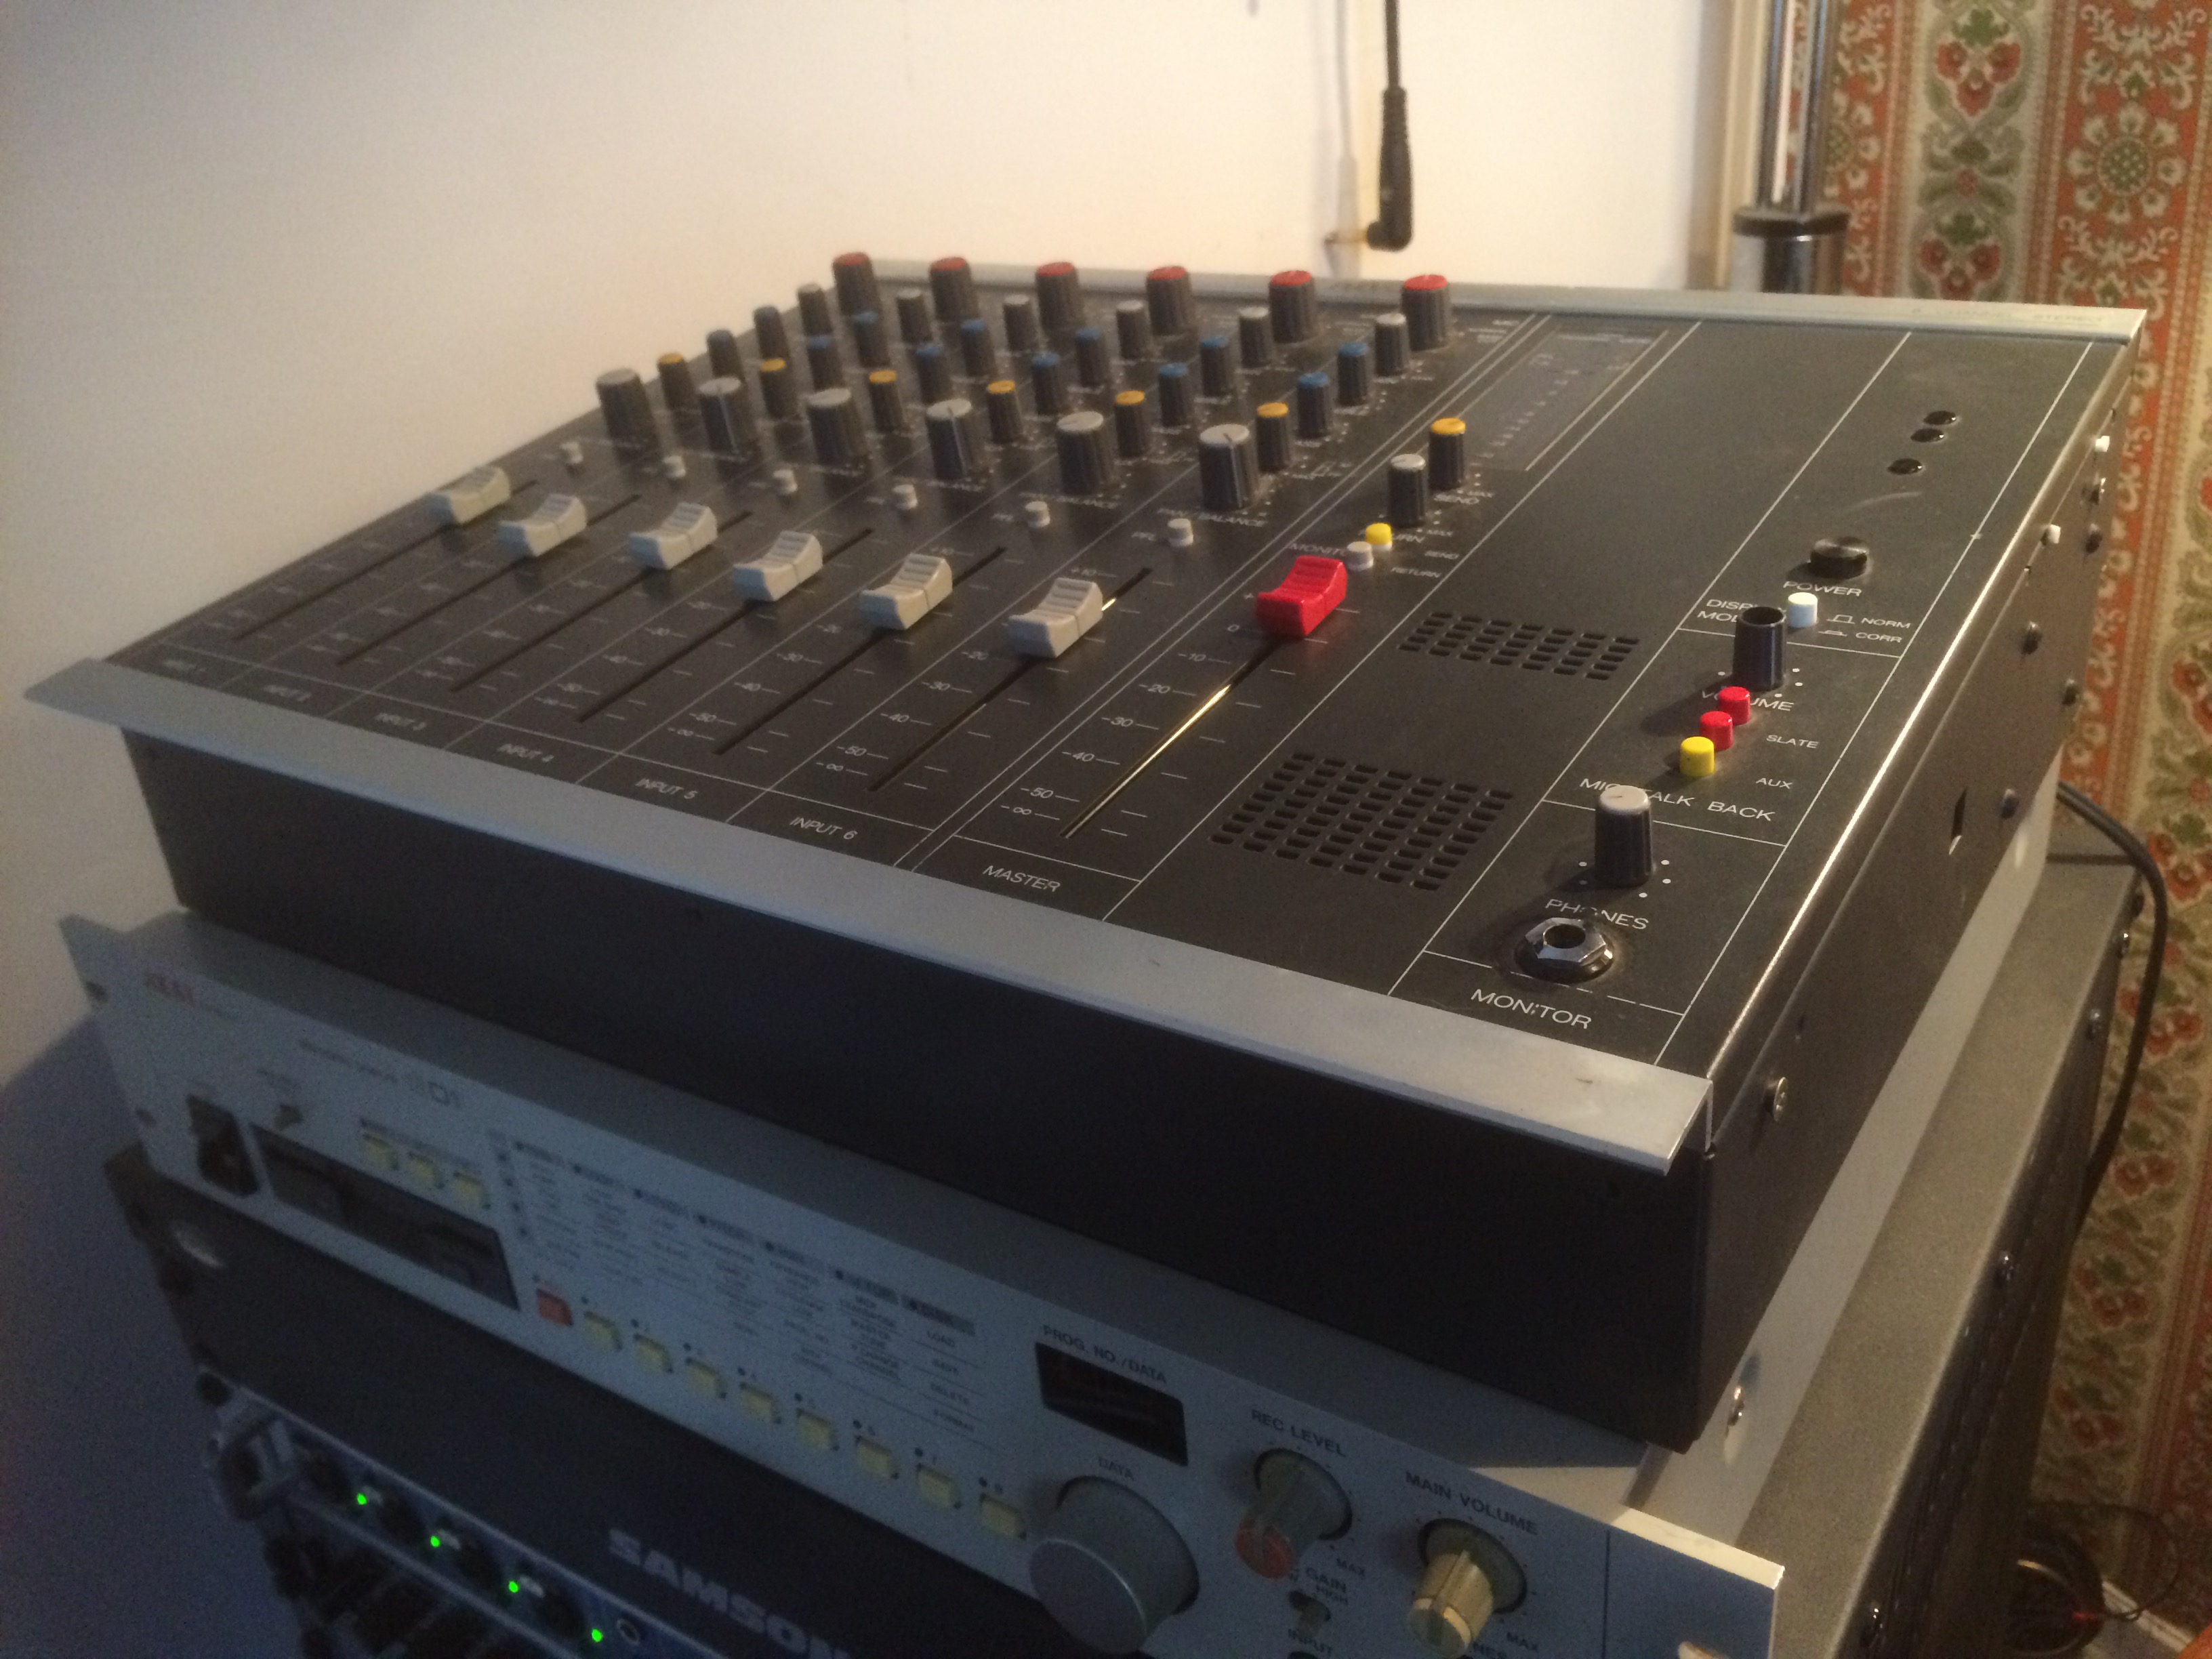 Photo revox c279 revox c279 23593 1612561 audiofanzine - Console analogique occasion ...